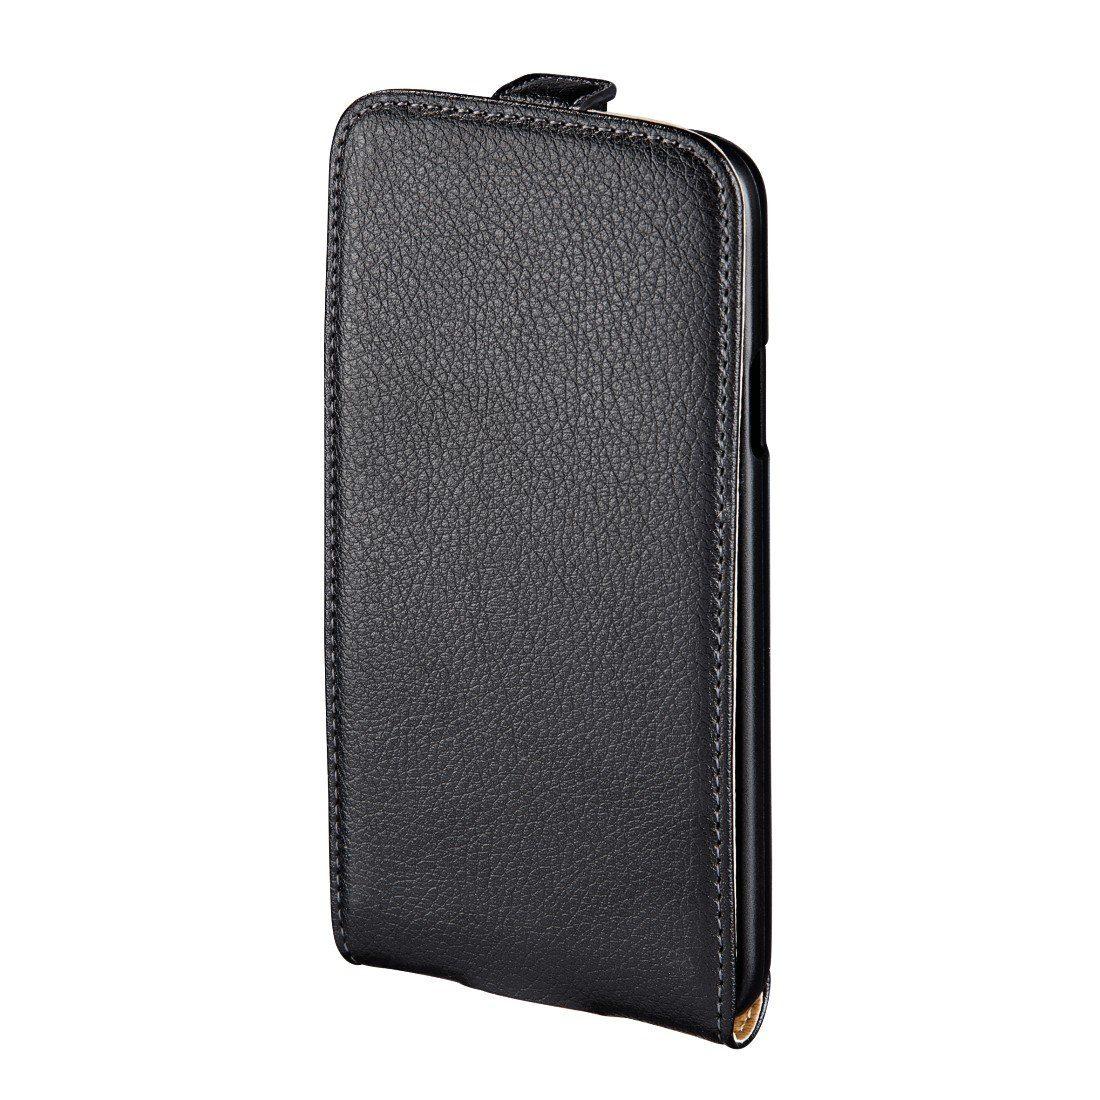 Hama Handyhülle Handytasche Schutzhülle Samsung Galaxy S4 mini »(LTE) mit aufklappbarem Cover«